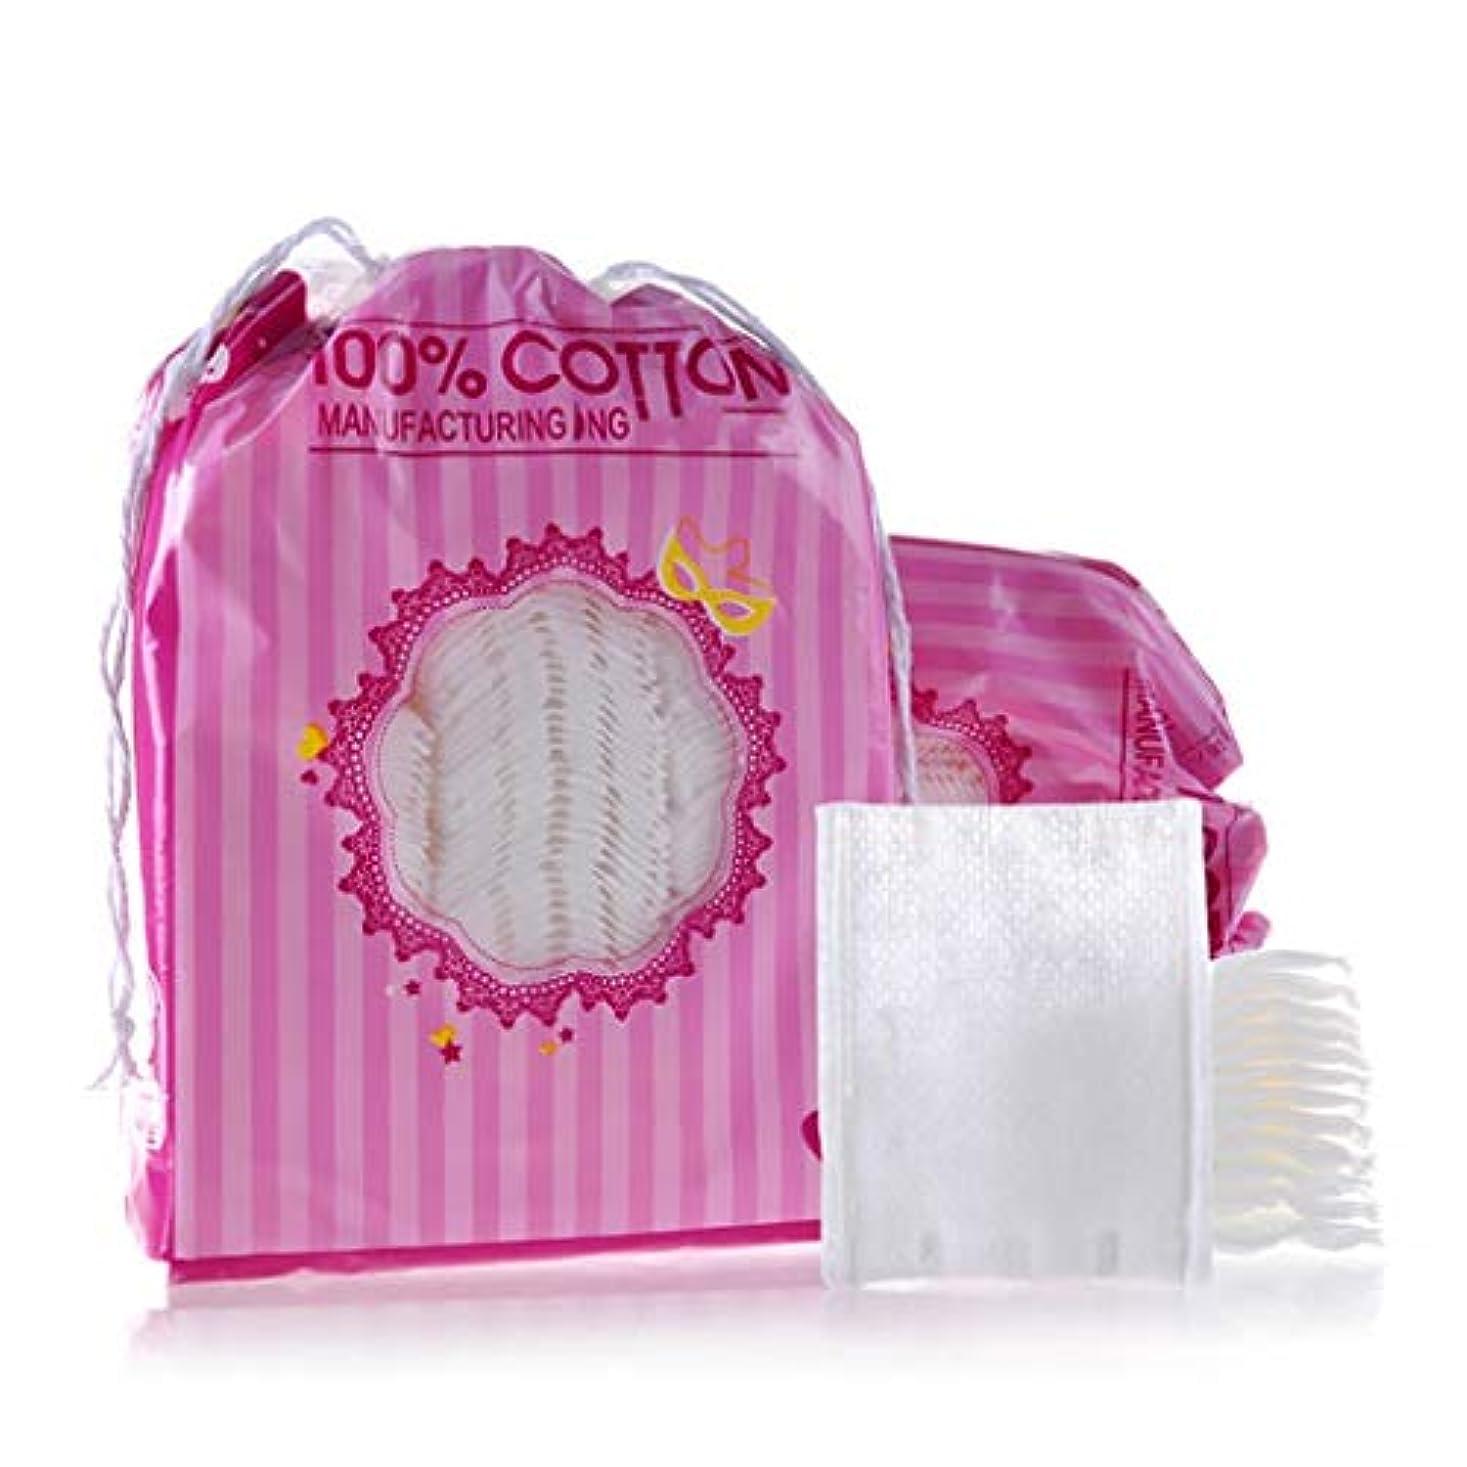 ビジネスなめる政治家のクレンジングシート 200ピースコットンメイクアップリムーバーパッドソフトオーガニックネイルポリッシュワイプ両面フェイスクレンジング美容化粧品パッド (Color : White)